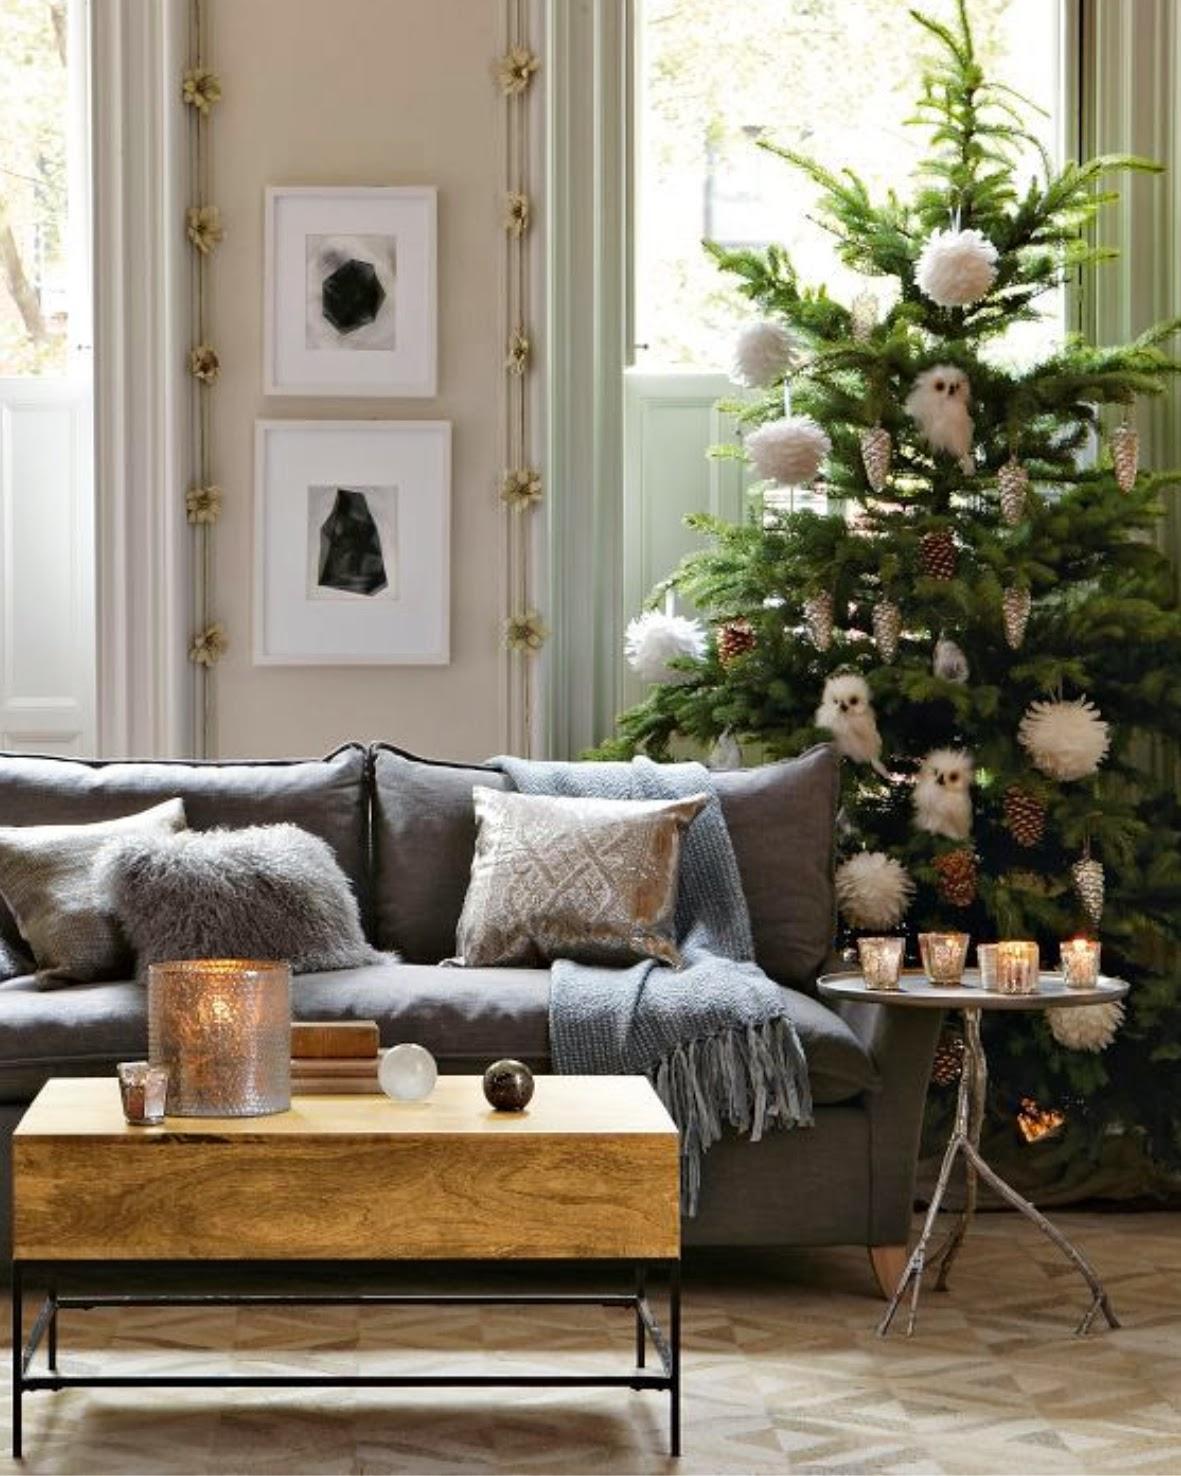 árbol de Navidad natural - cómo colocar los adornos